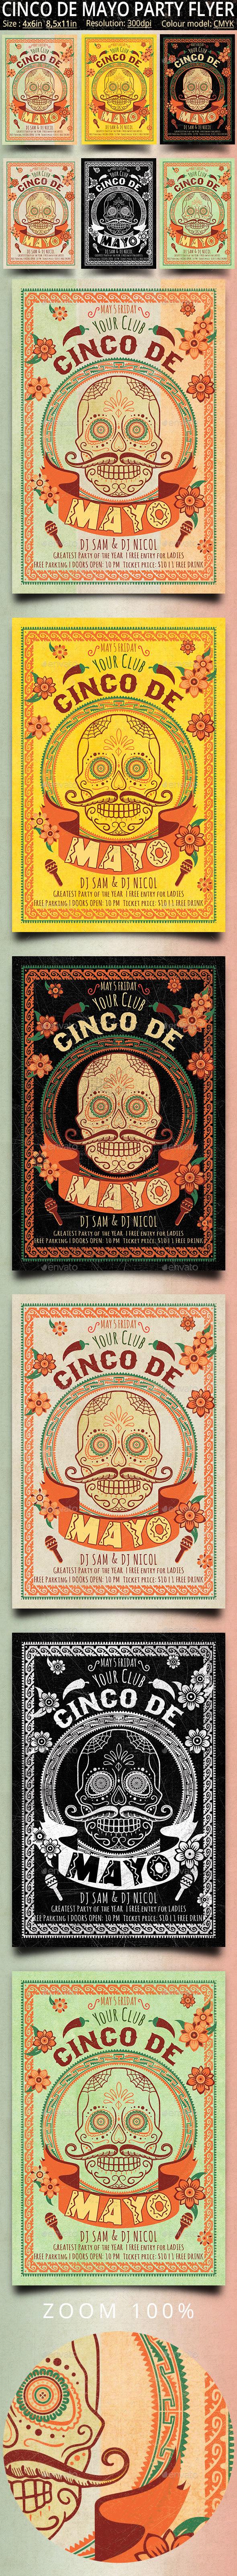 Cinco de Mayo Retro Vintage Flyer - Events Flyers